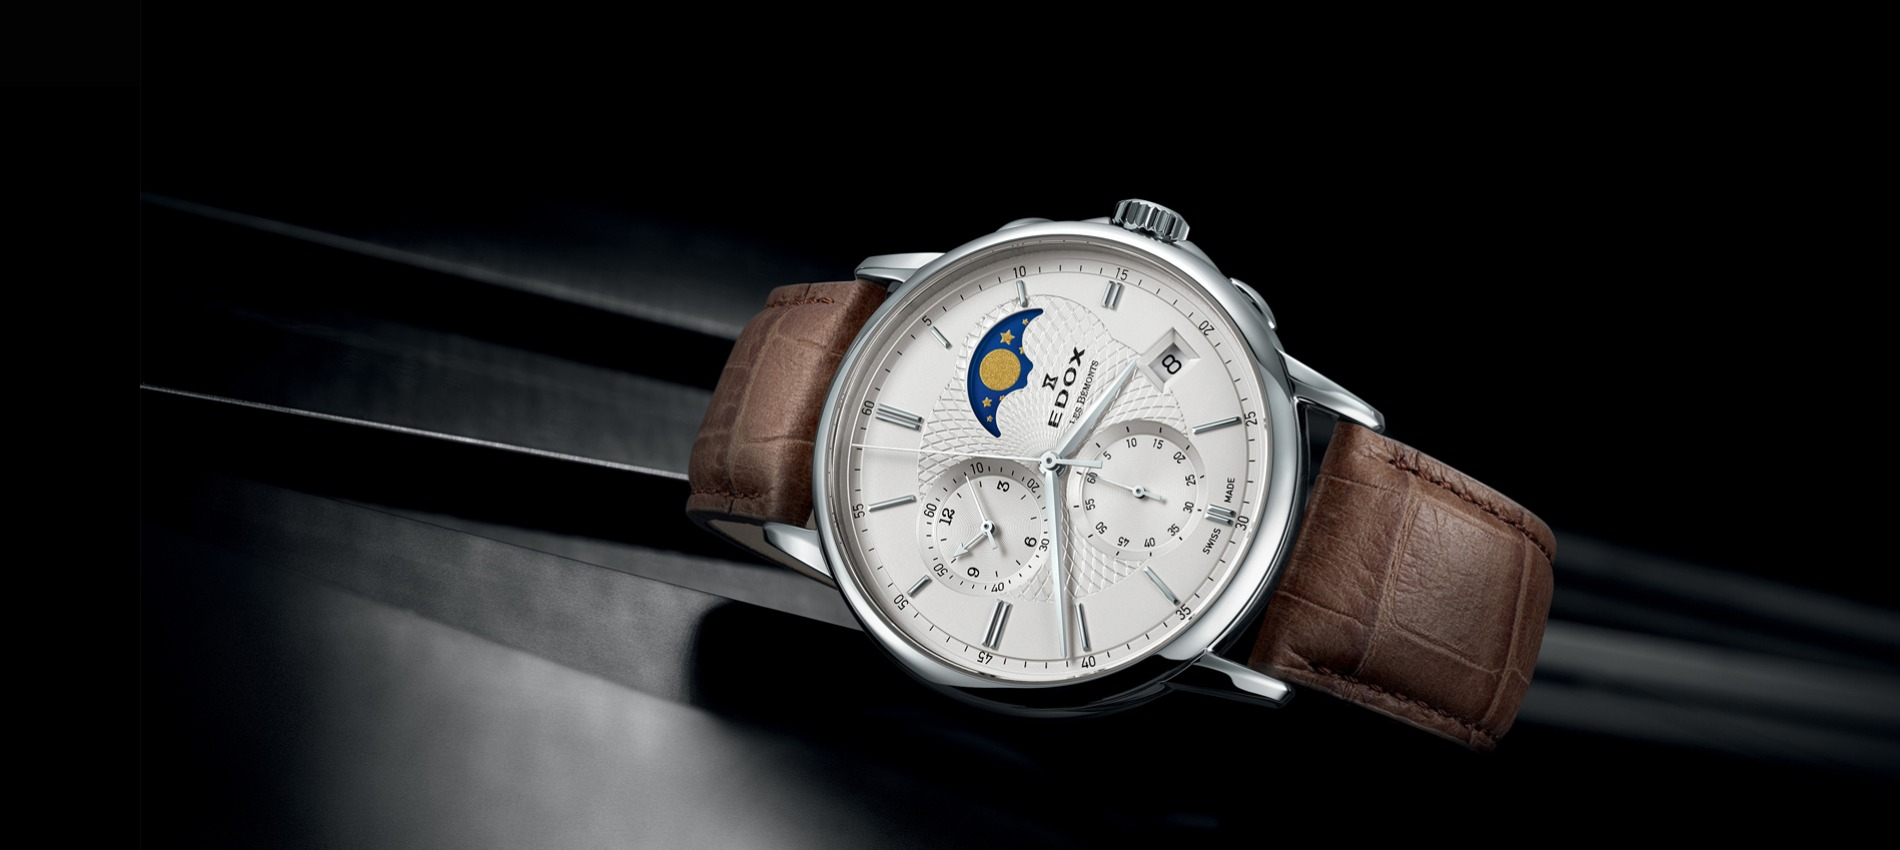 c3bce58f0 EDOX - švýcarské hodinky